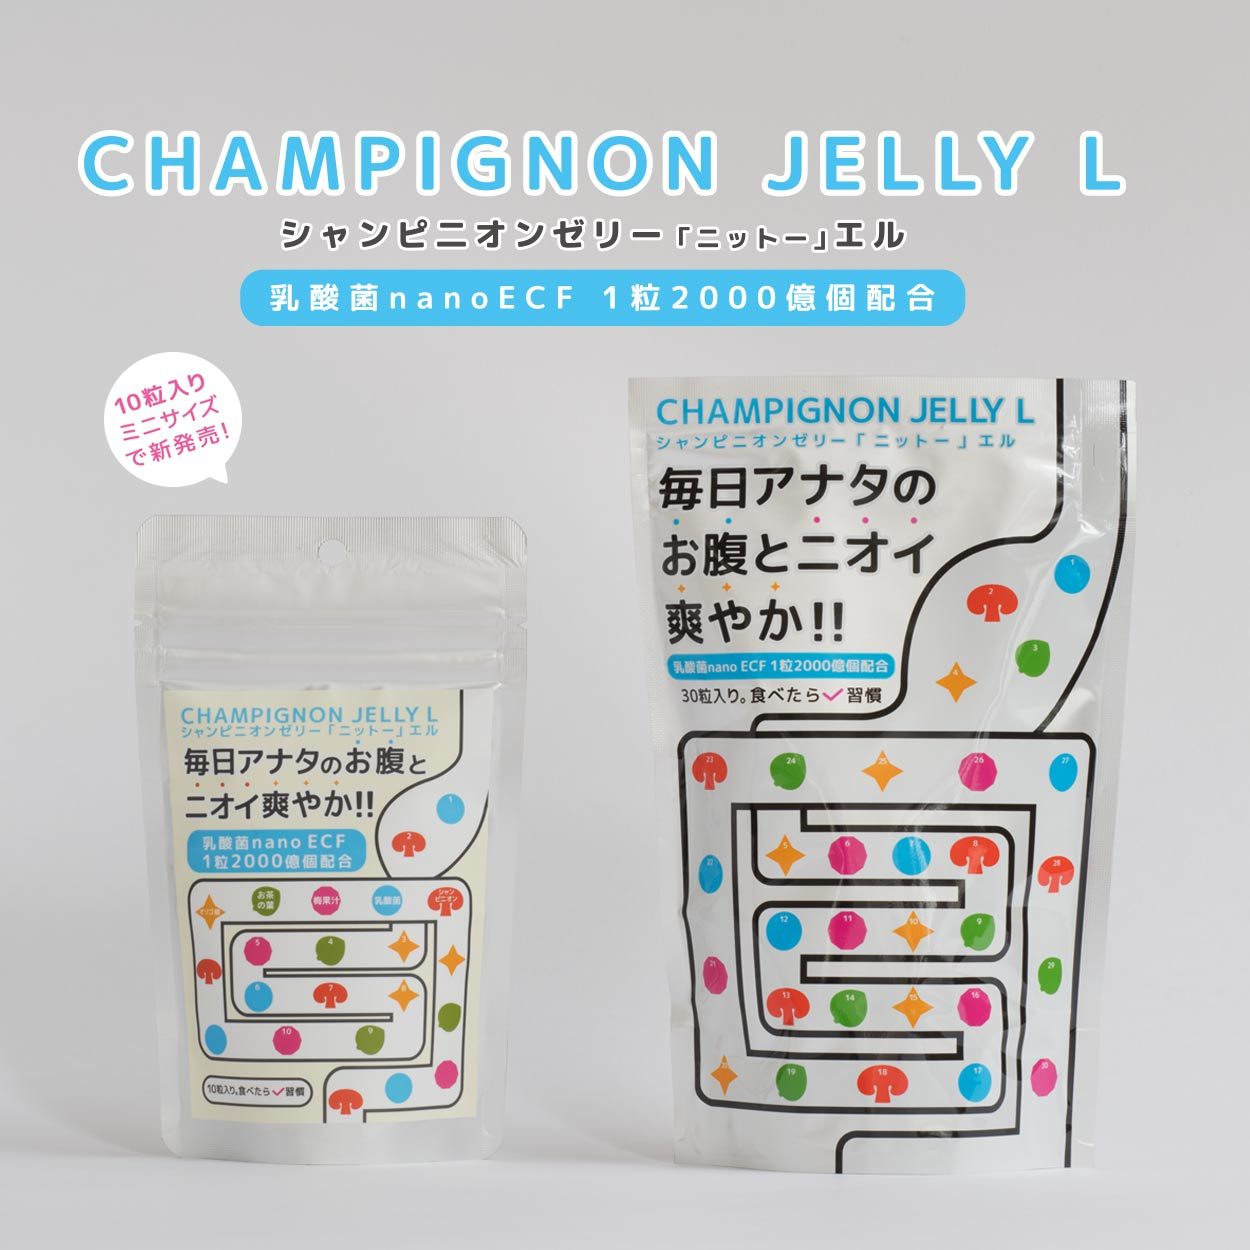 シャンピニオンゼリー ニットー エル 040139 30粒入(1袋) 【返品不可】(即日出荷)